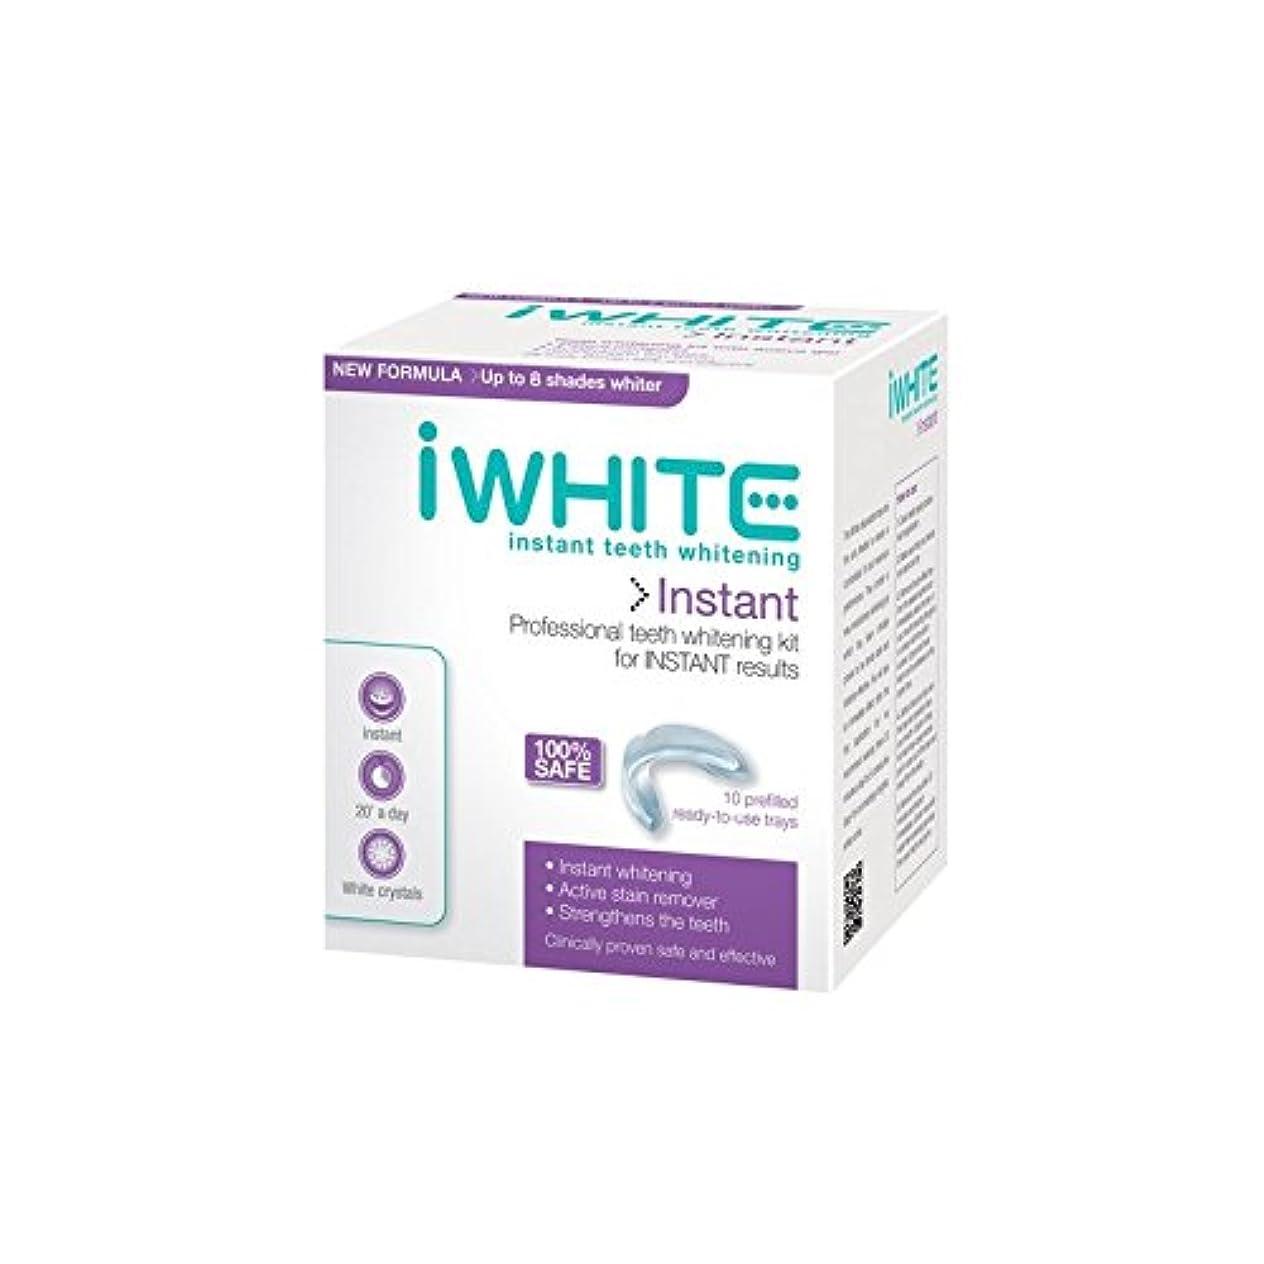 発疹慢性的労働キットを白くするインスタントプロの歯(10個のトレー) x4 - iWhite Instant Professional Teeth Whitening Kit (10 Trays) (Pack of 4) [並行輸入品]